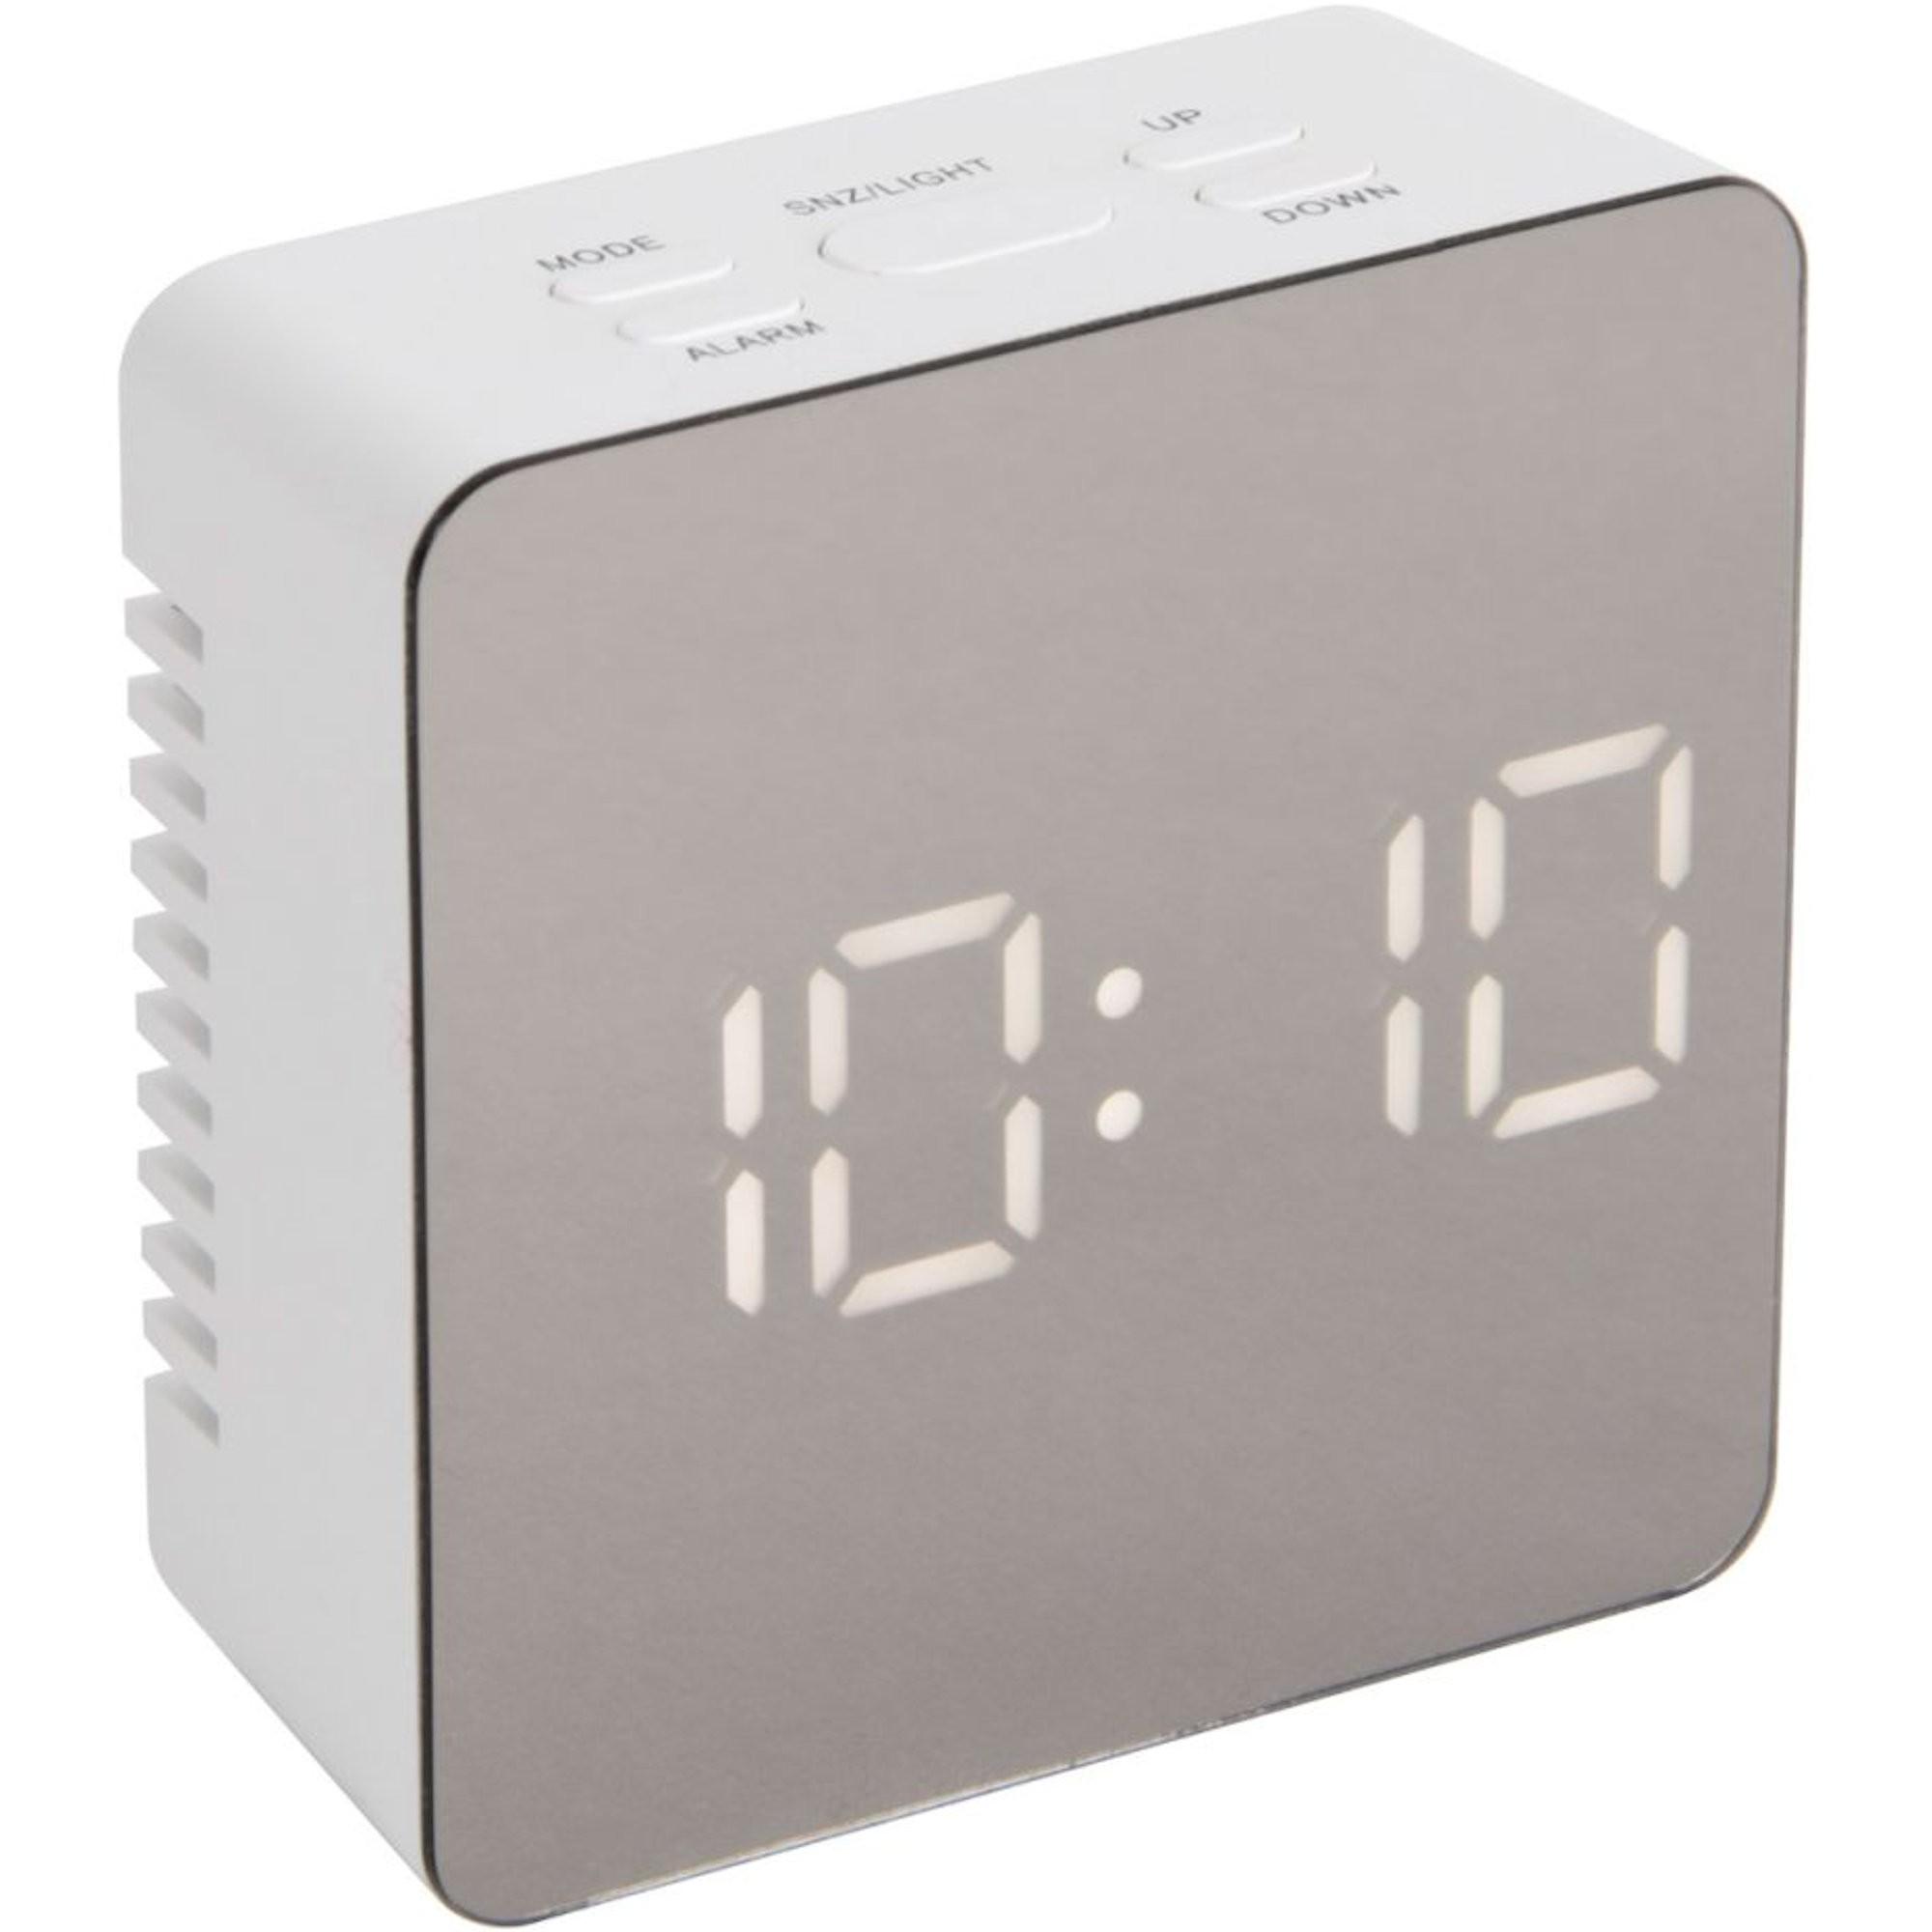 Réveil numérique LED Miroir Square Blanc